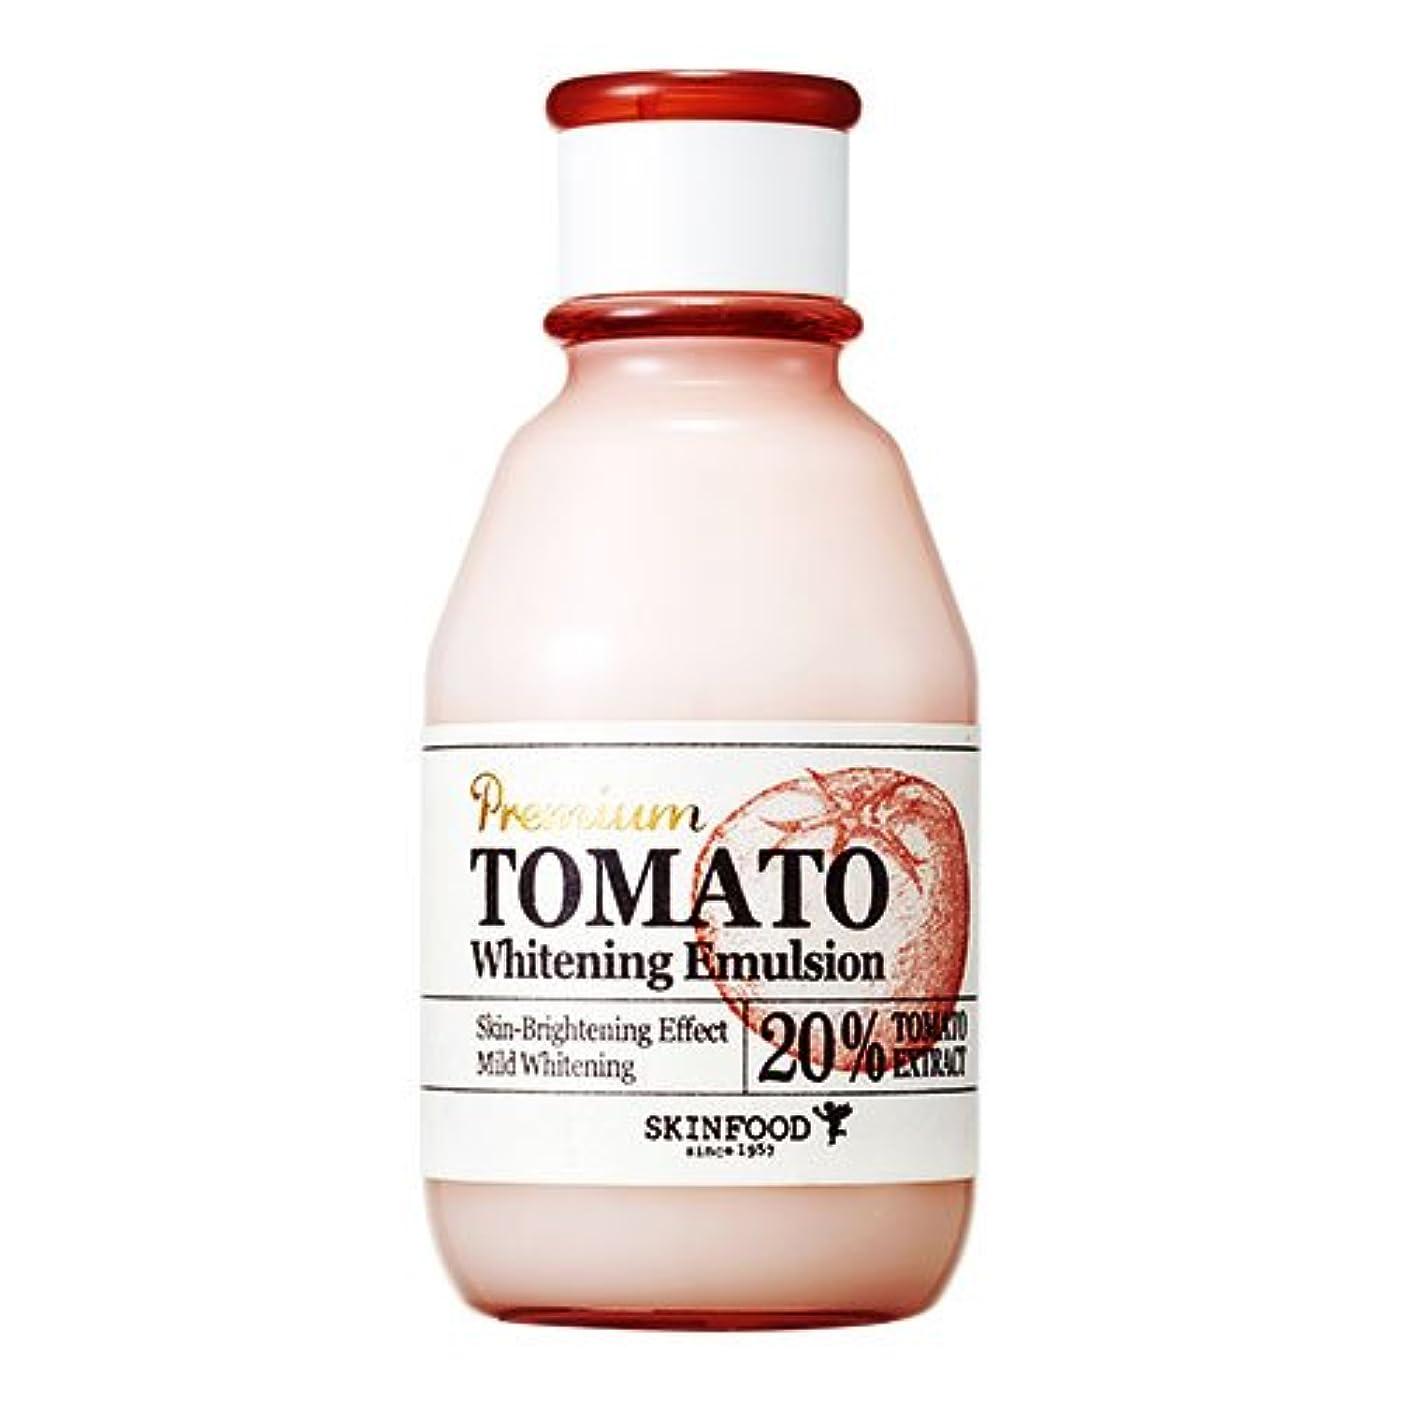 ビット歴史例外[スキンフード] SKINFOOD プレミアムトマトホワイトニングエマルジョン Premium Tomato Whitening Emulsion (海外直送品) [並行輸入品]